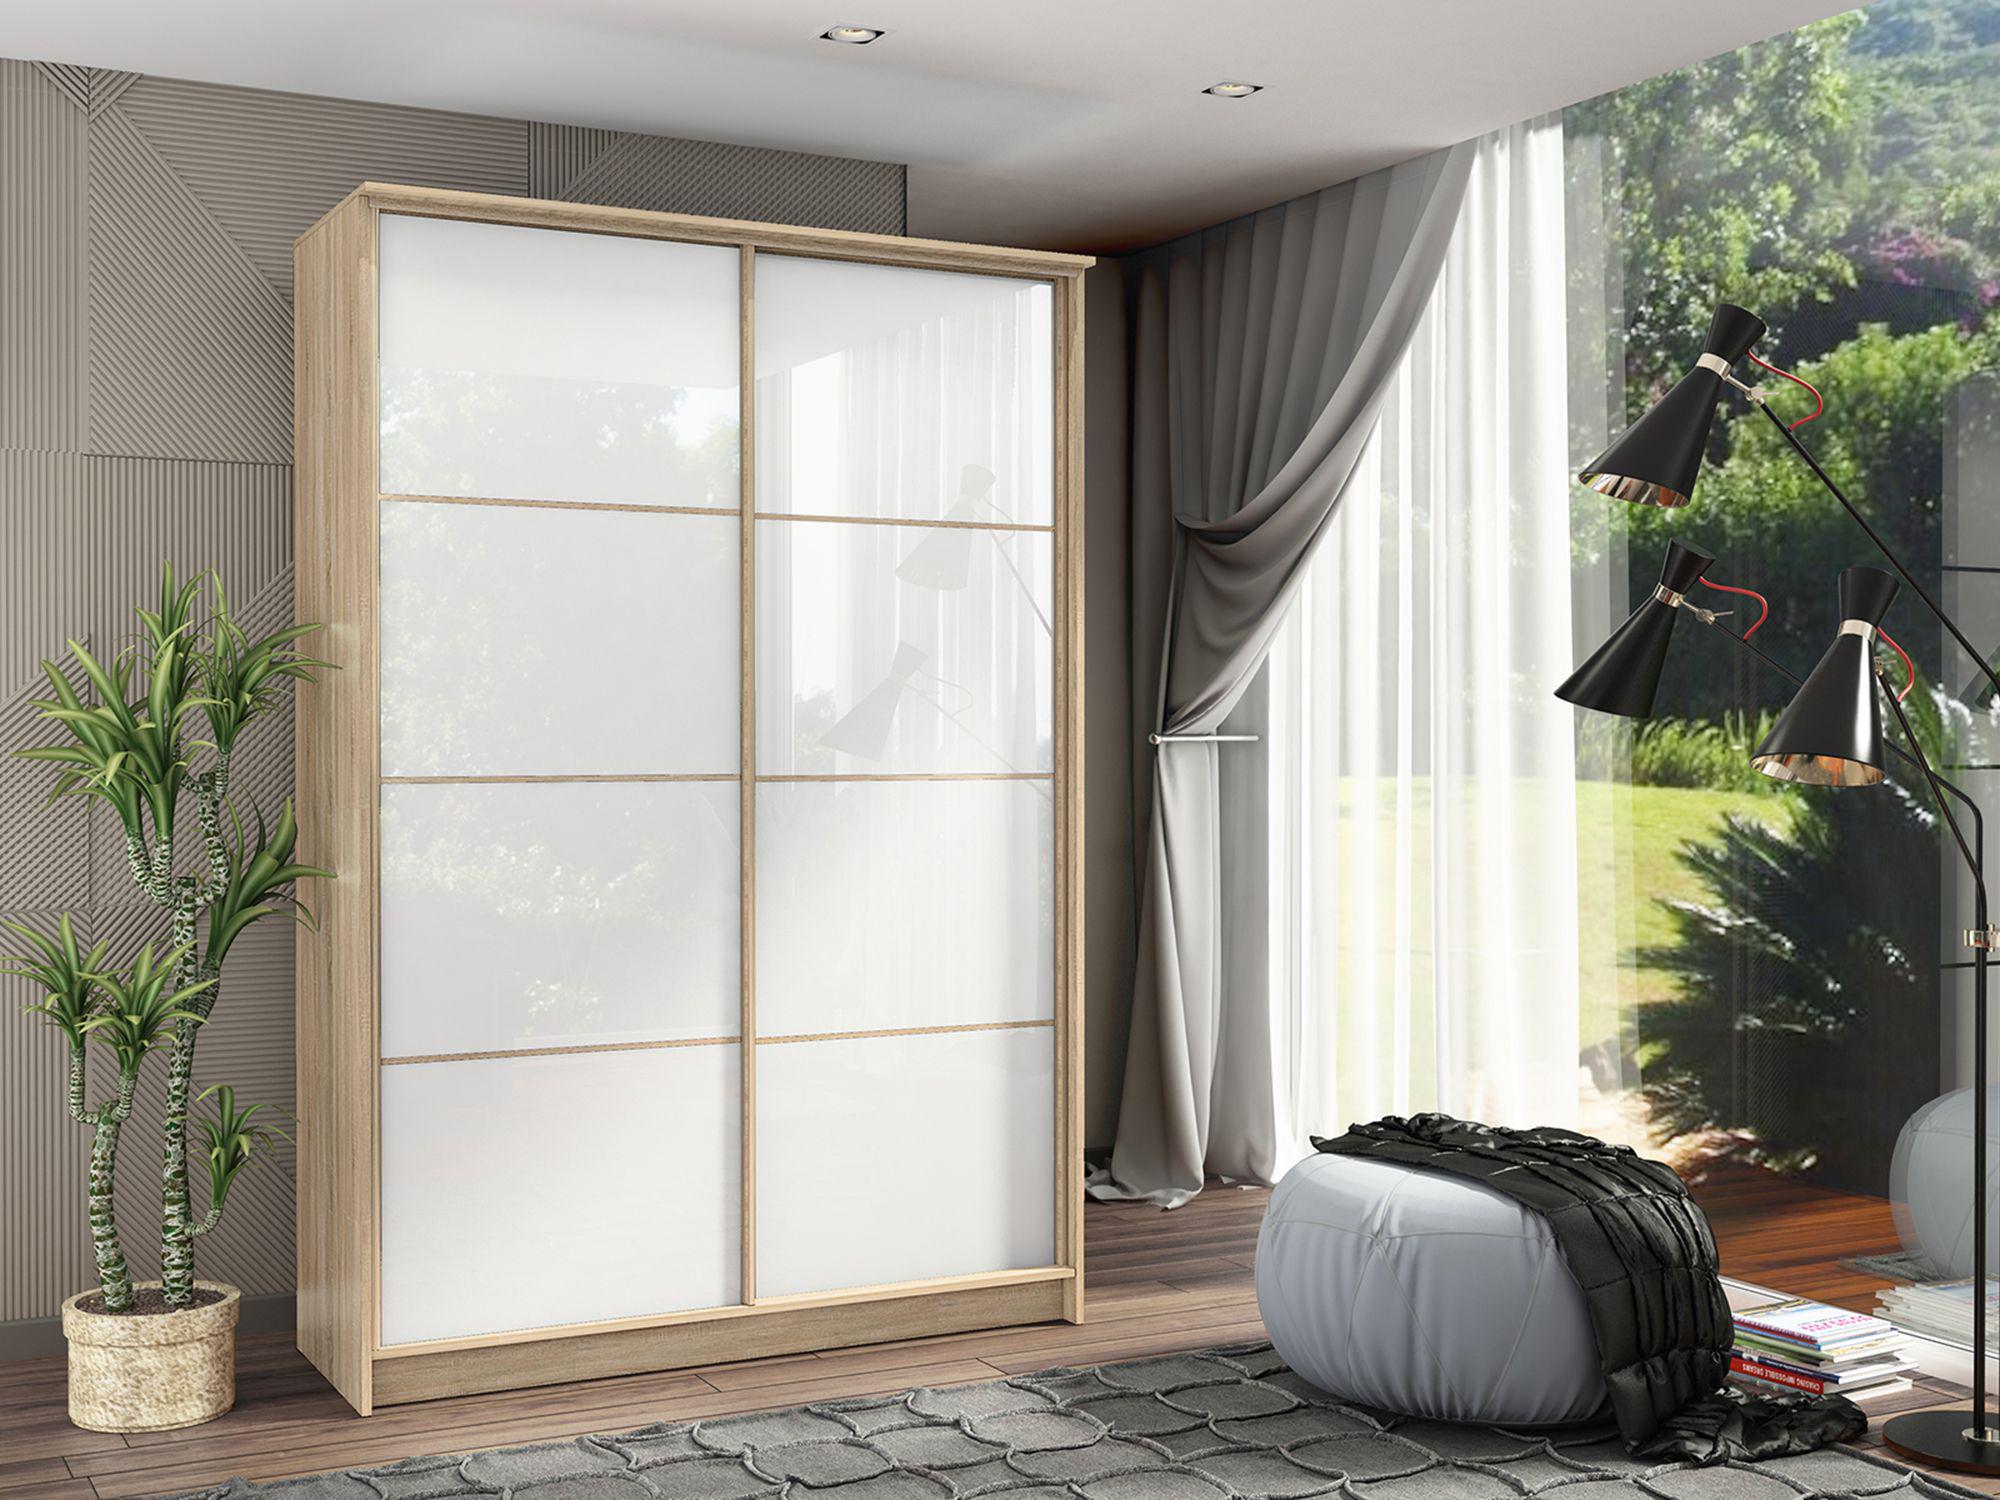 Шкаф-купе в гостиную 2 двери Ясень Ориноко Белый глянец